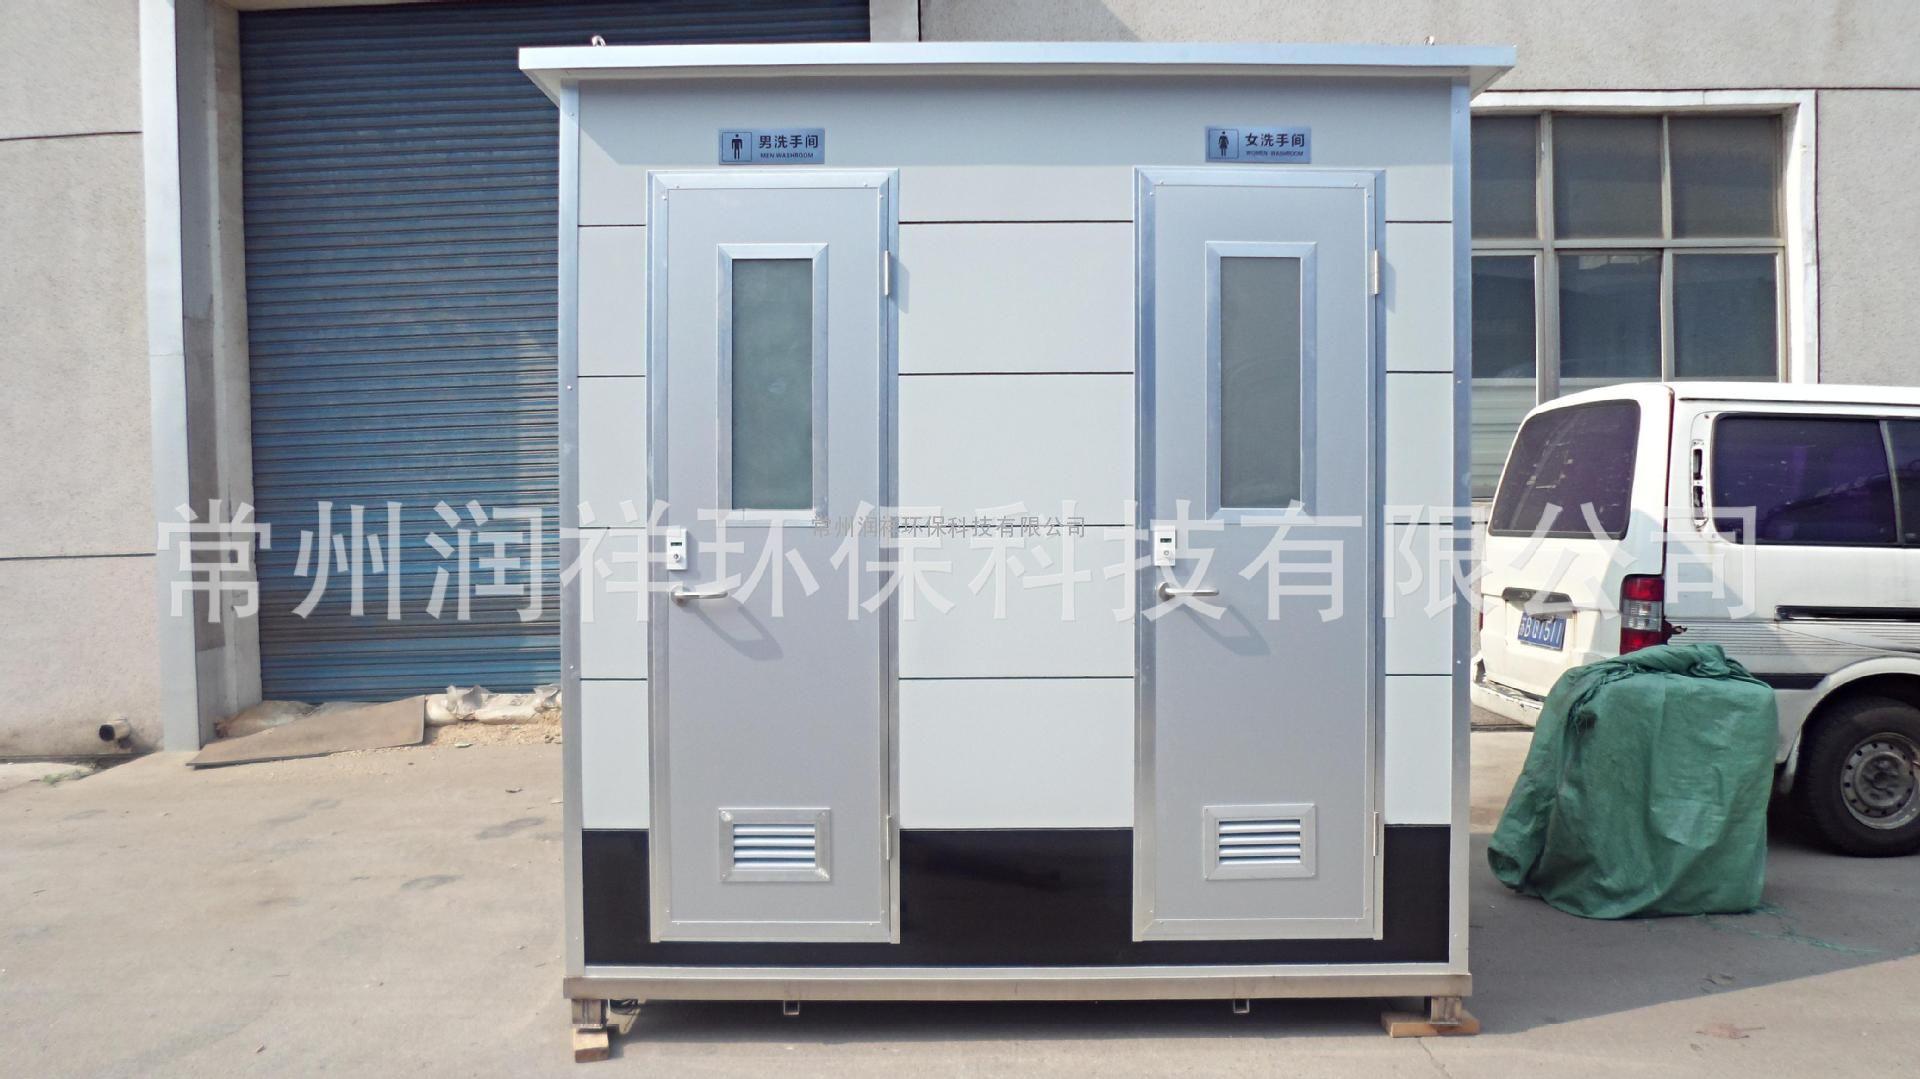 供应辽宁移动厕所 大连景区移动厕所 江苏移动厕所生产厂家